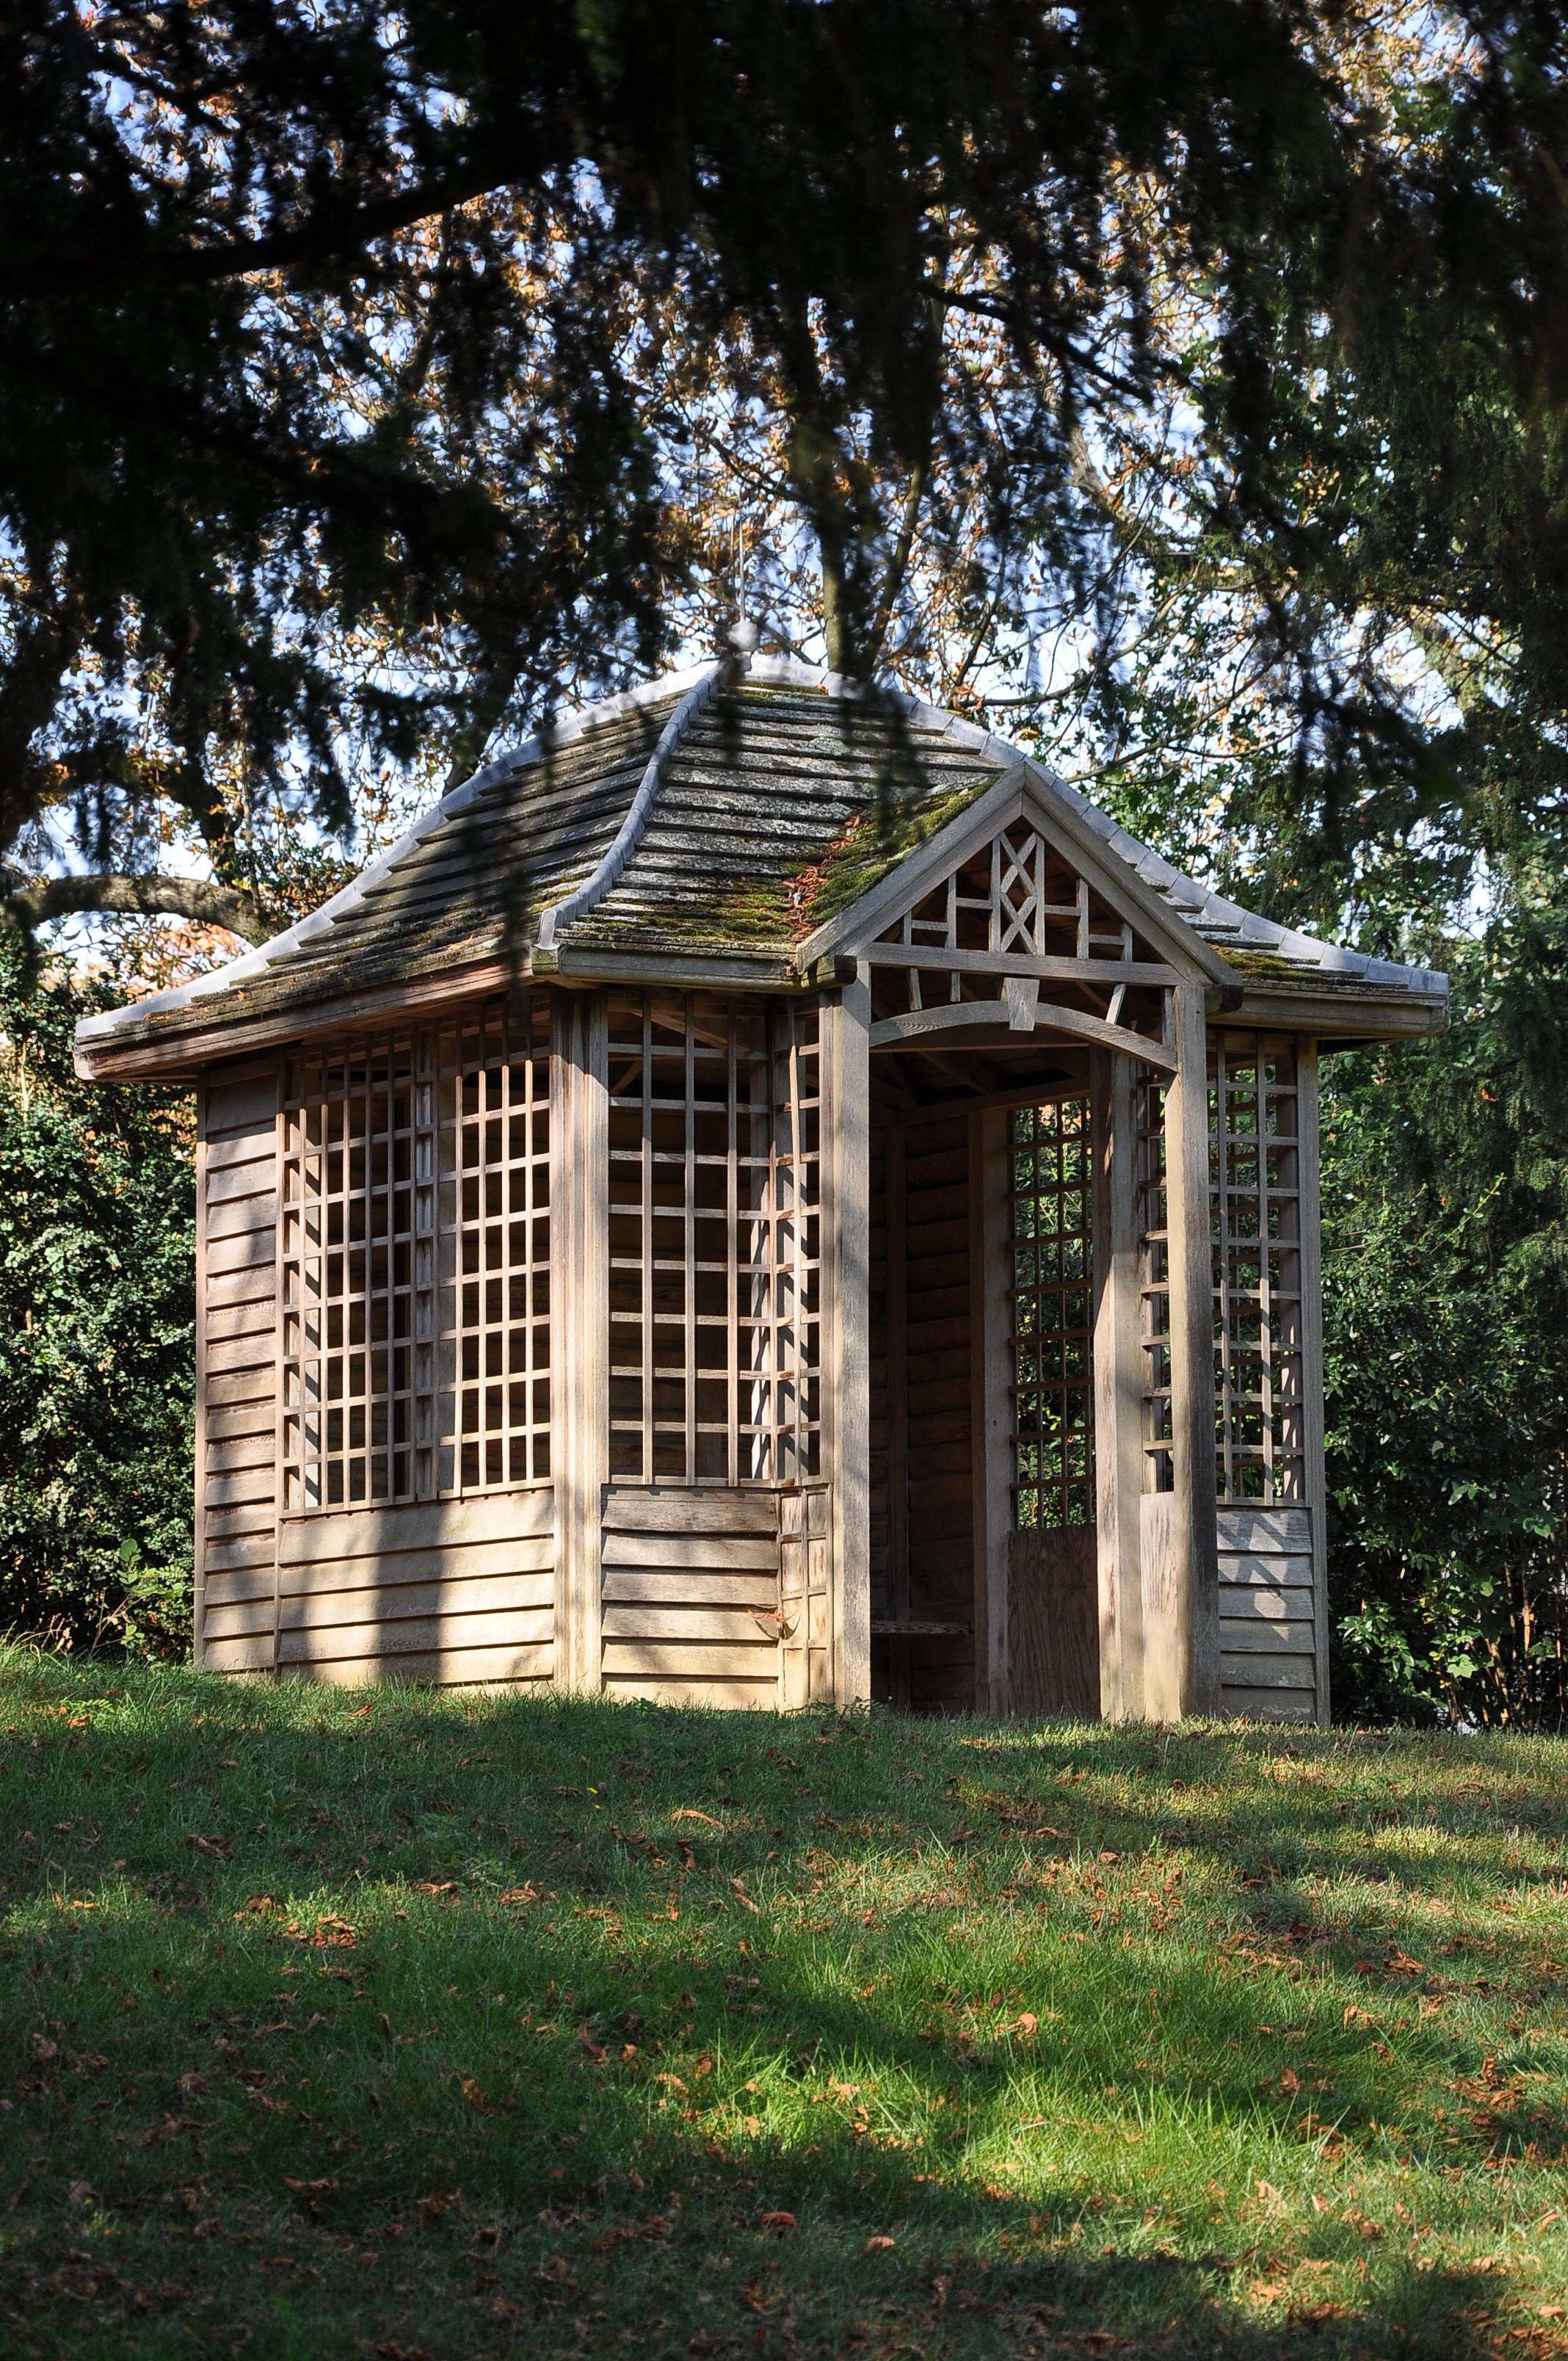 file gloriette en bois bagatelle paris wikimedia commons. Black Bedroom Furniture Sets. Home Design Ideas